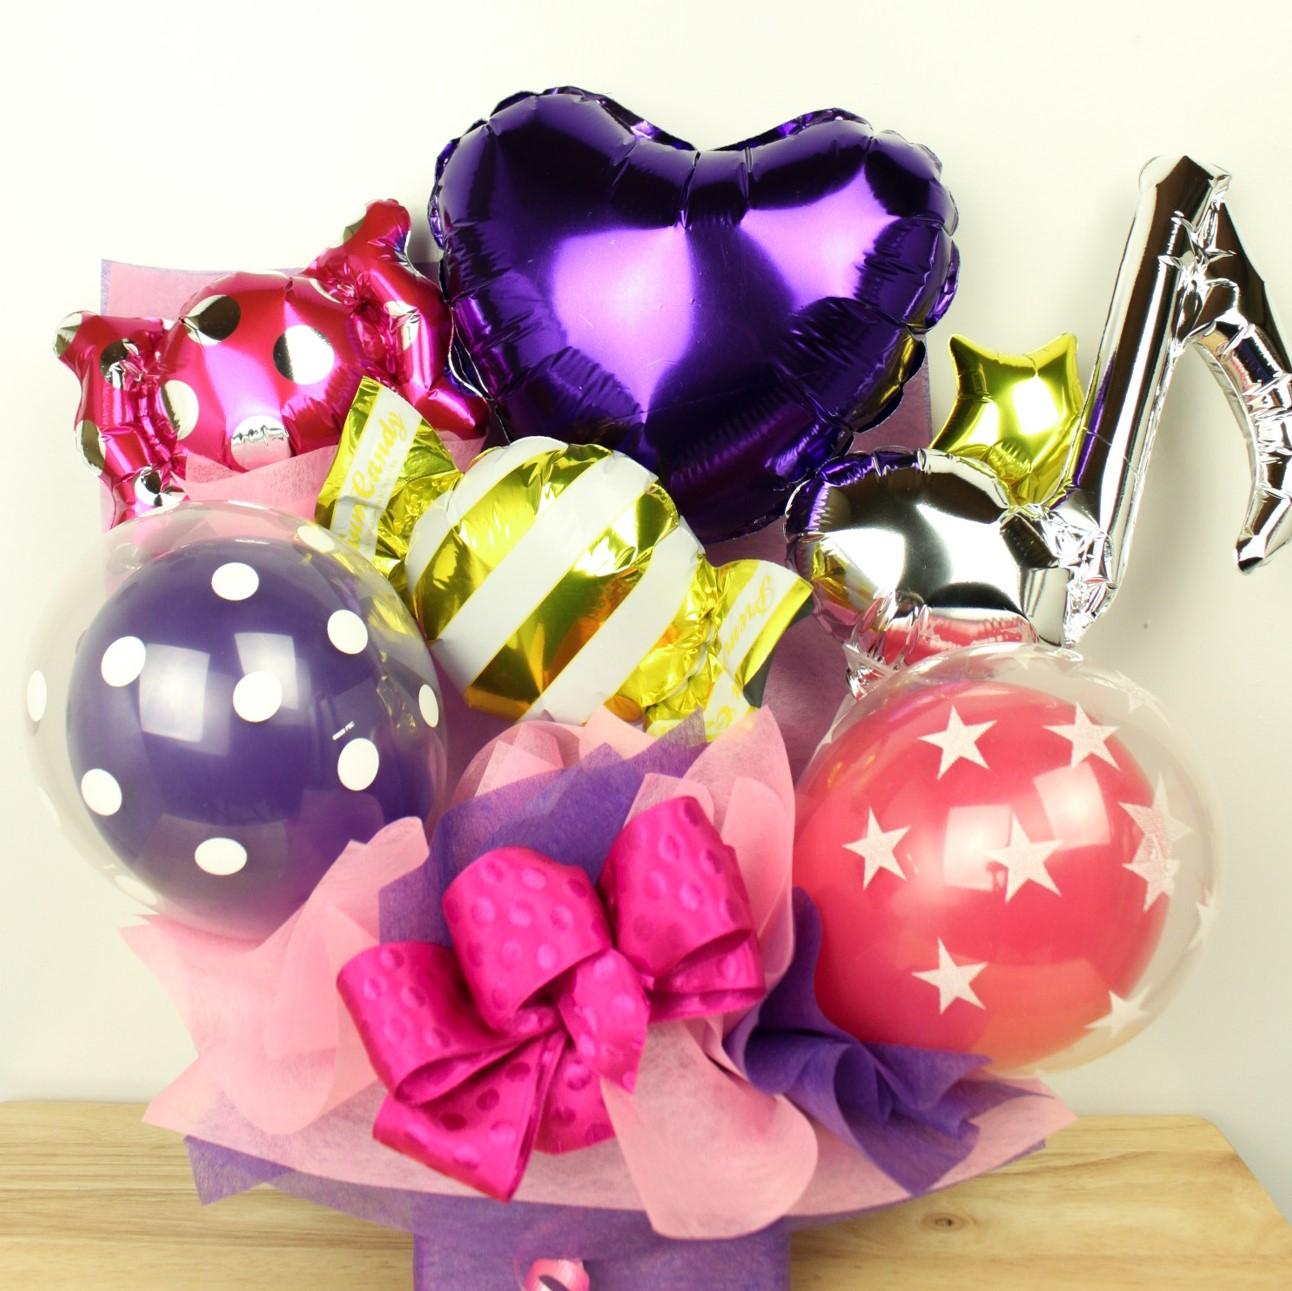 ダンス発表会向けバルーン電報 結婚式、誕生日、バレエ、ピアノ発表会に人気です pb0071